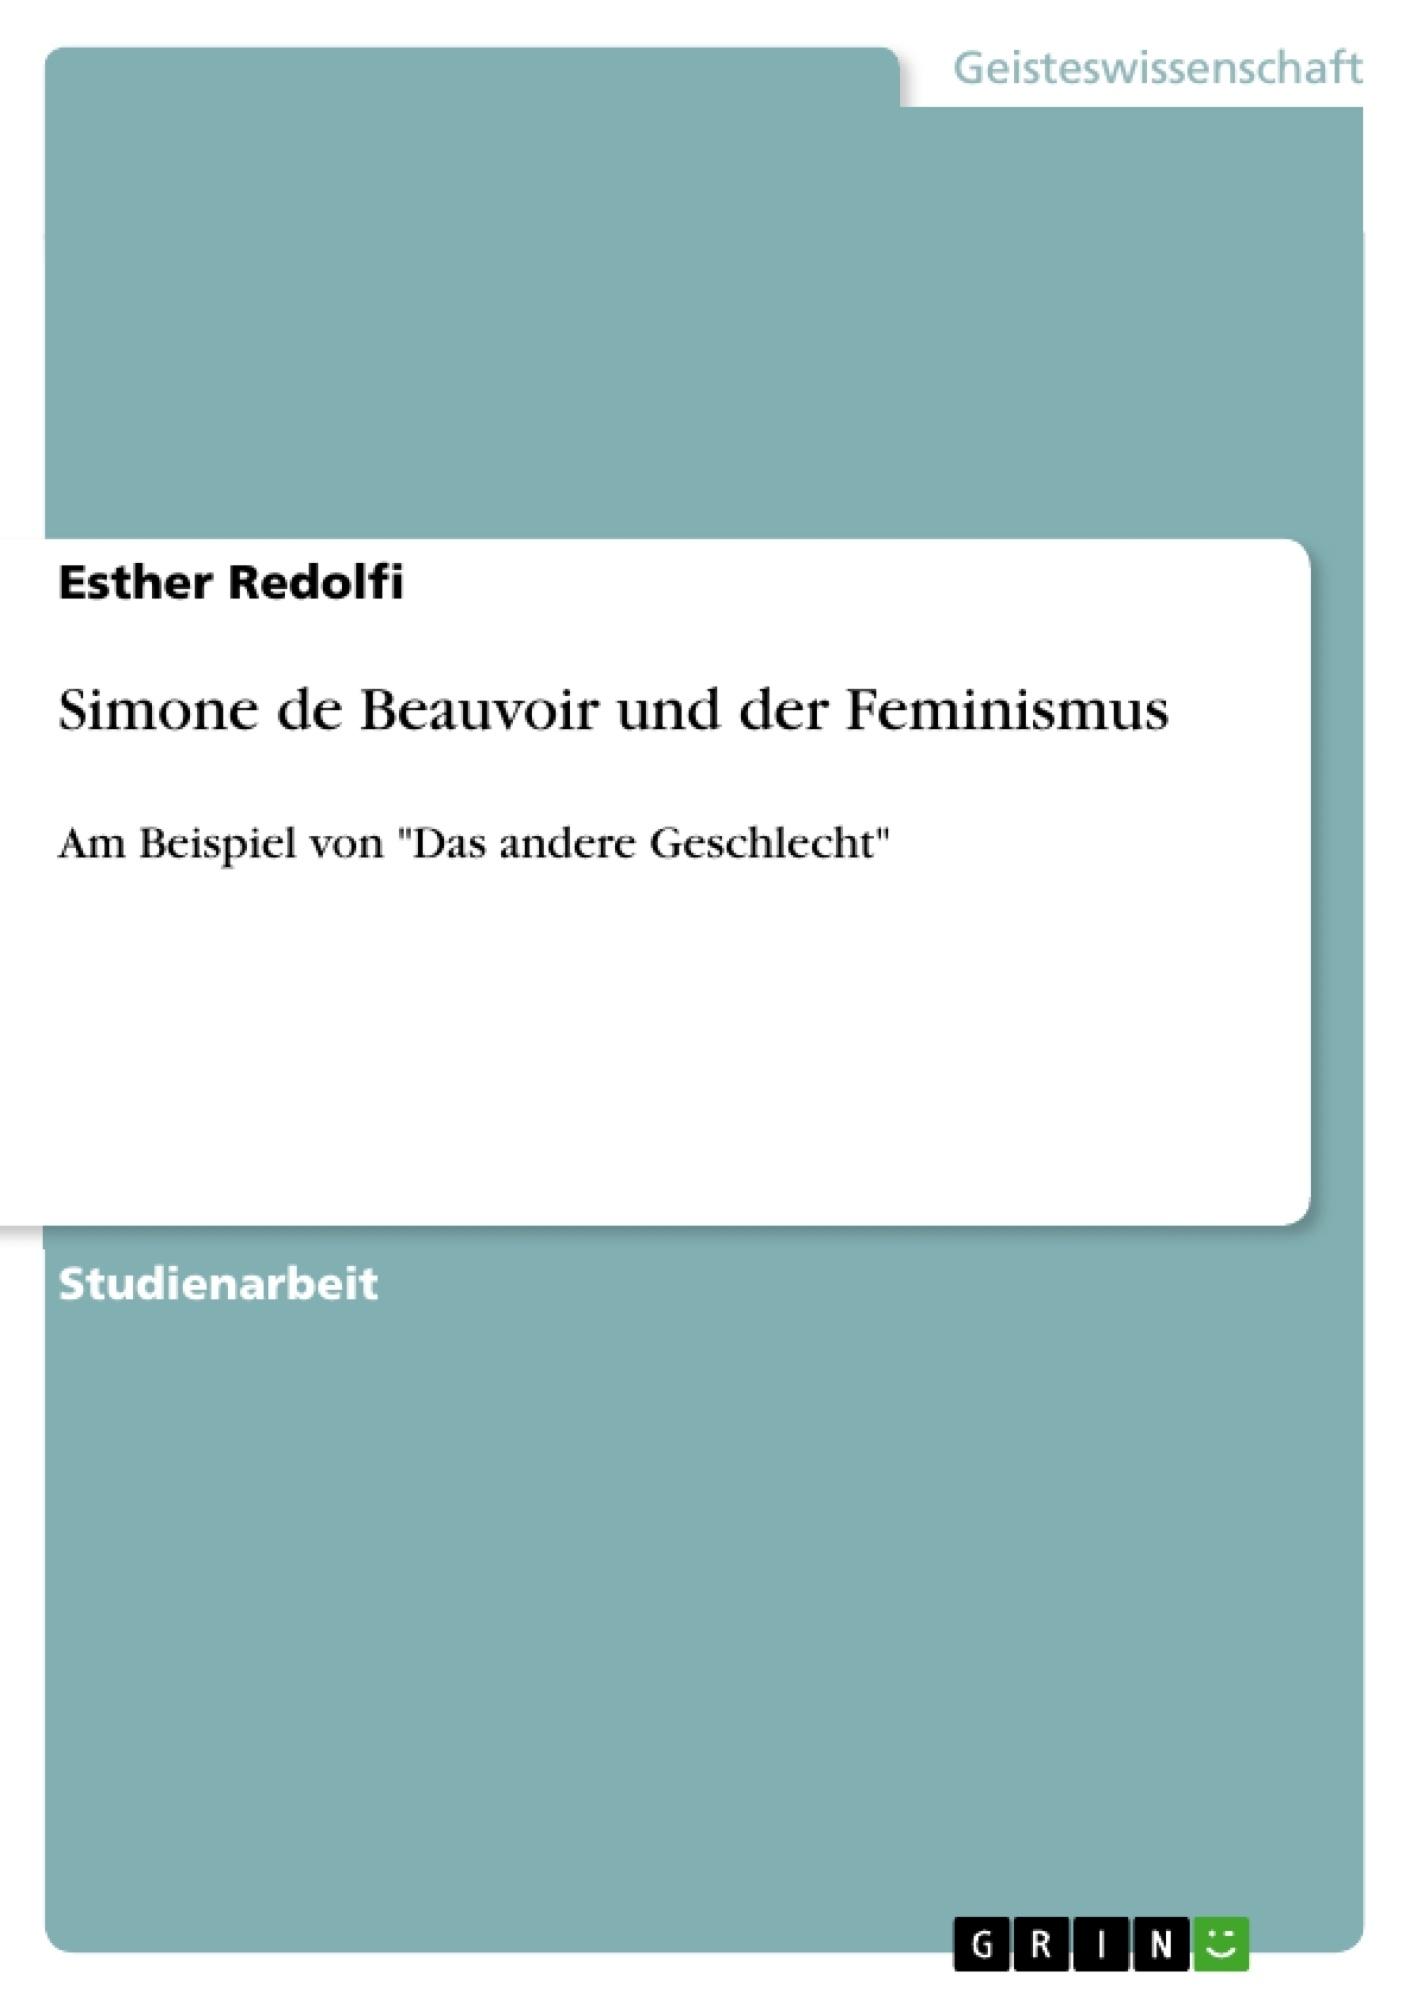 Titel: Simone de Beauvoir und der Feminismus